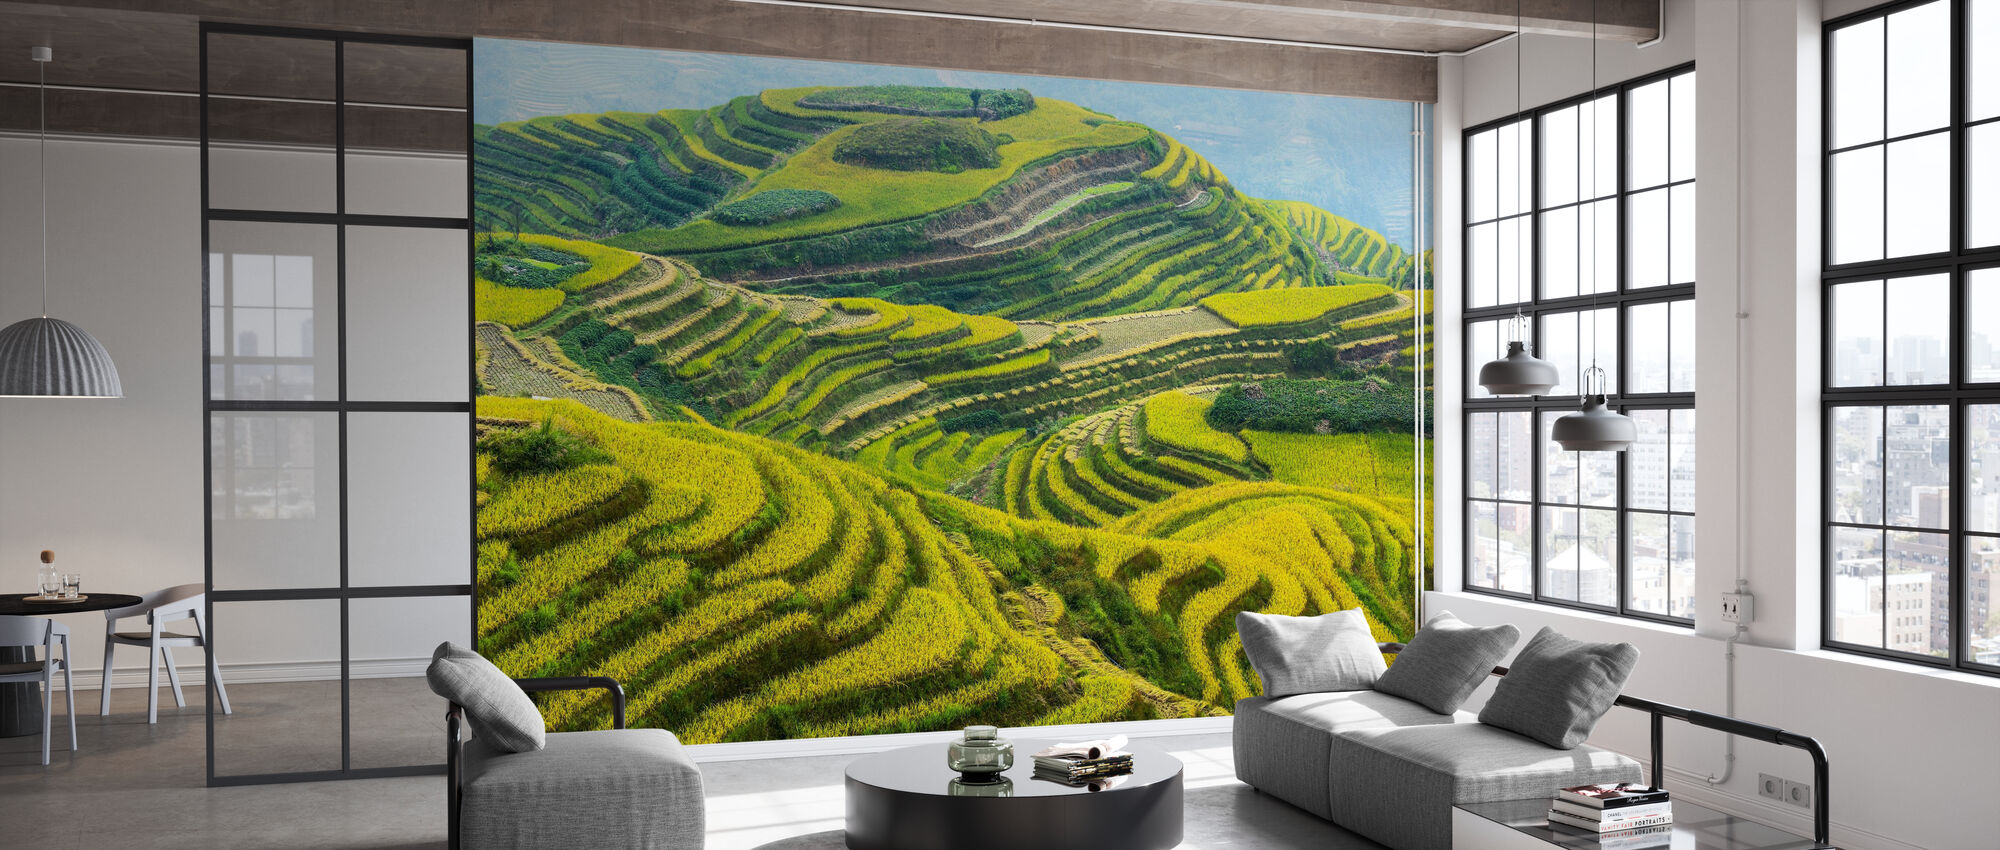 Guilin Fields - Wallpaper - Office